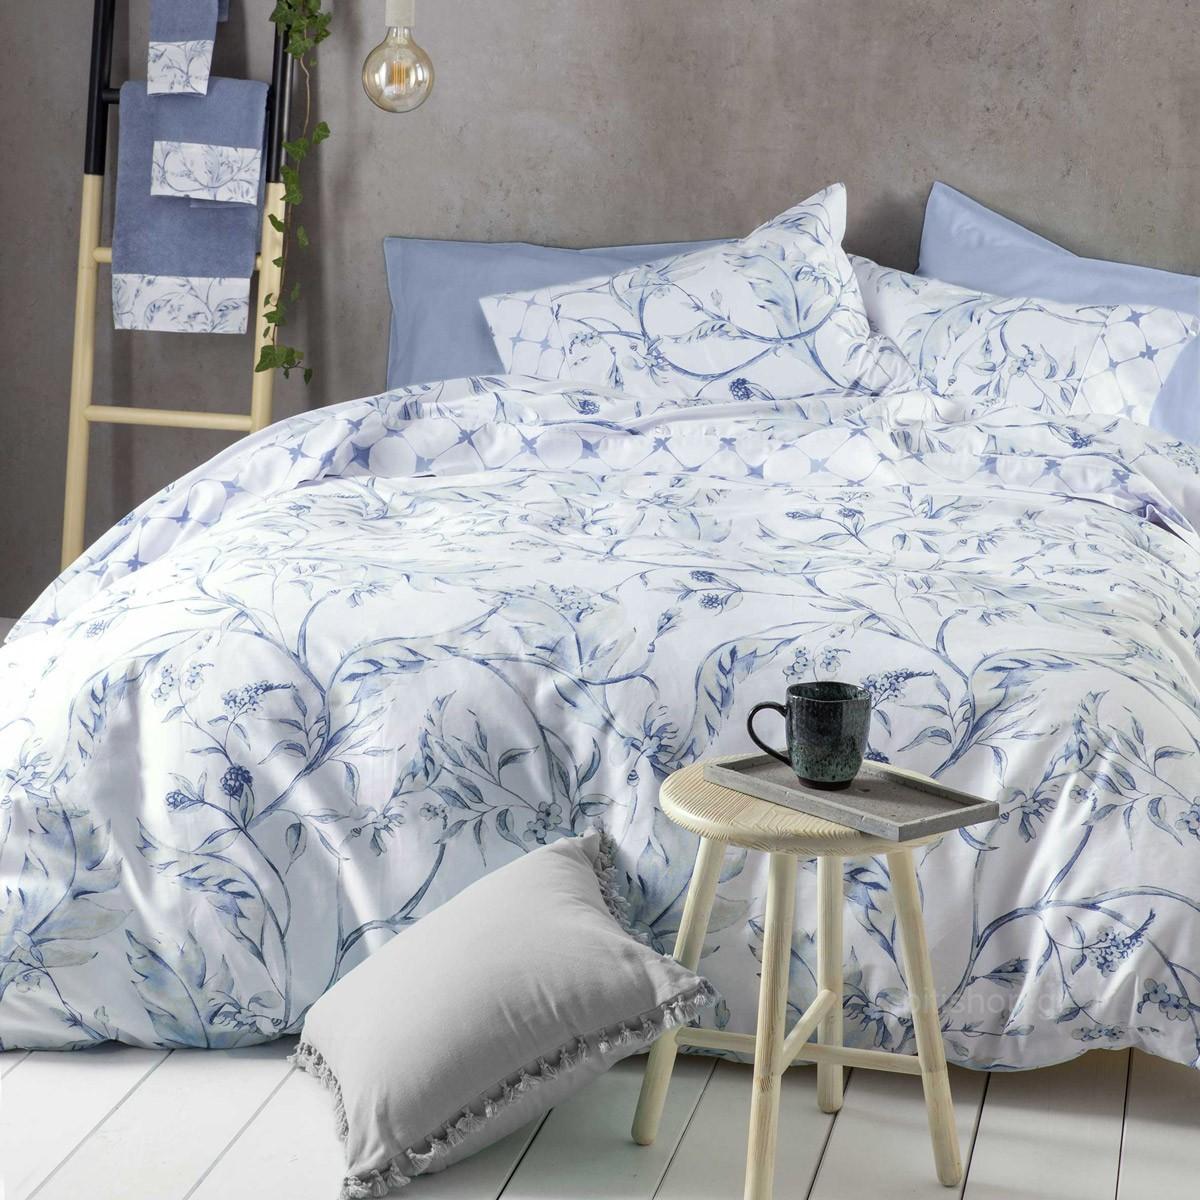 Κουβερλί Υπέρδιπλο Nima Bed Linen Oriana Blue